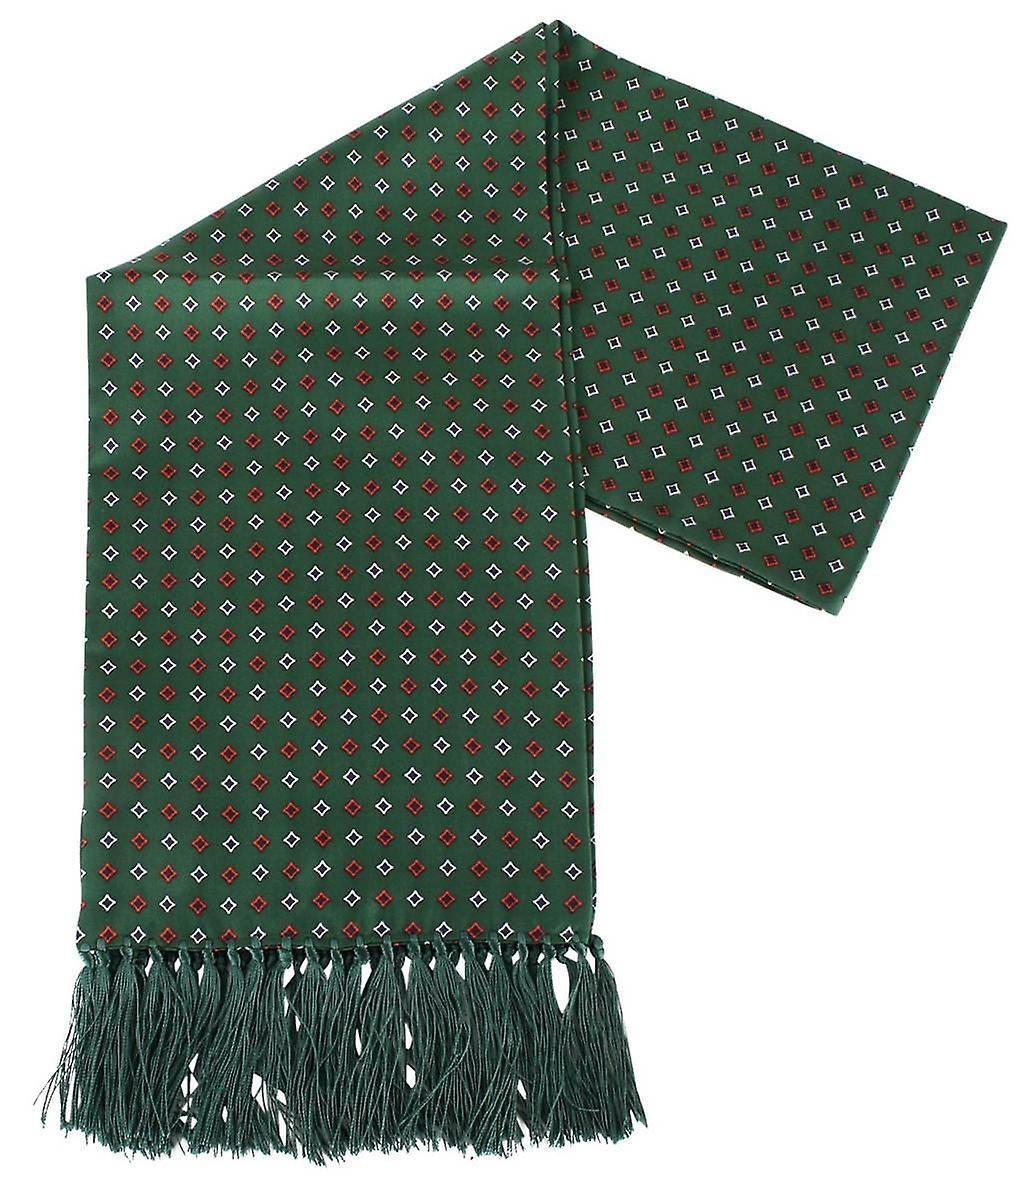 Knightsbridge cravates Diamond Aviator Silk Svoituref - vert